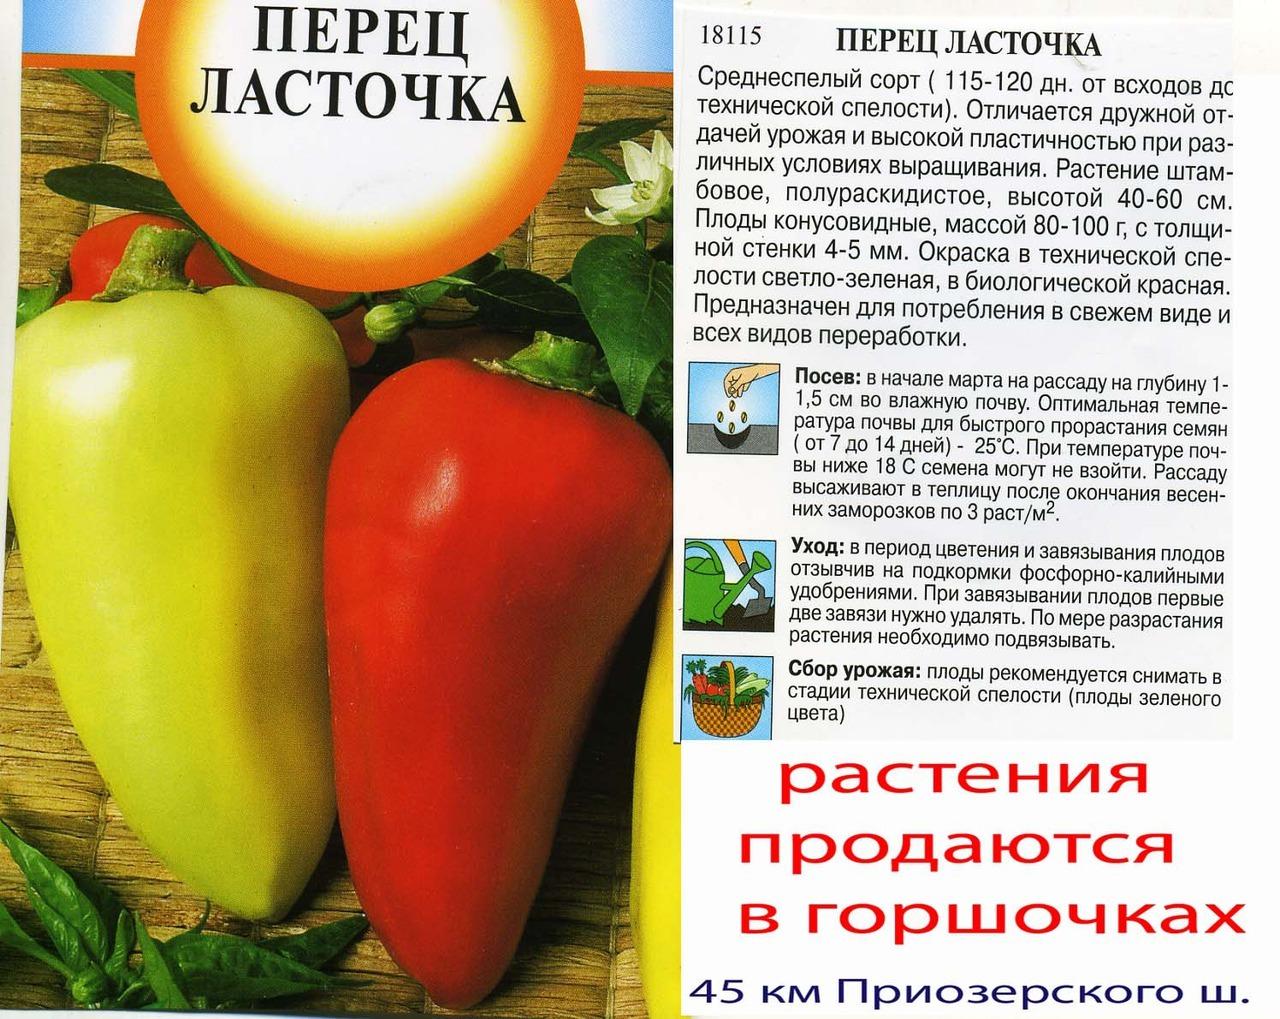 Перец атлант: описание и характеристика сорта, выращивание и урожайность с фото